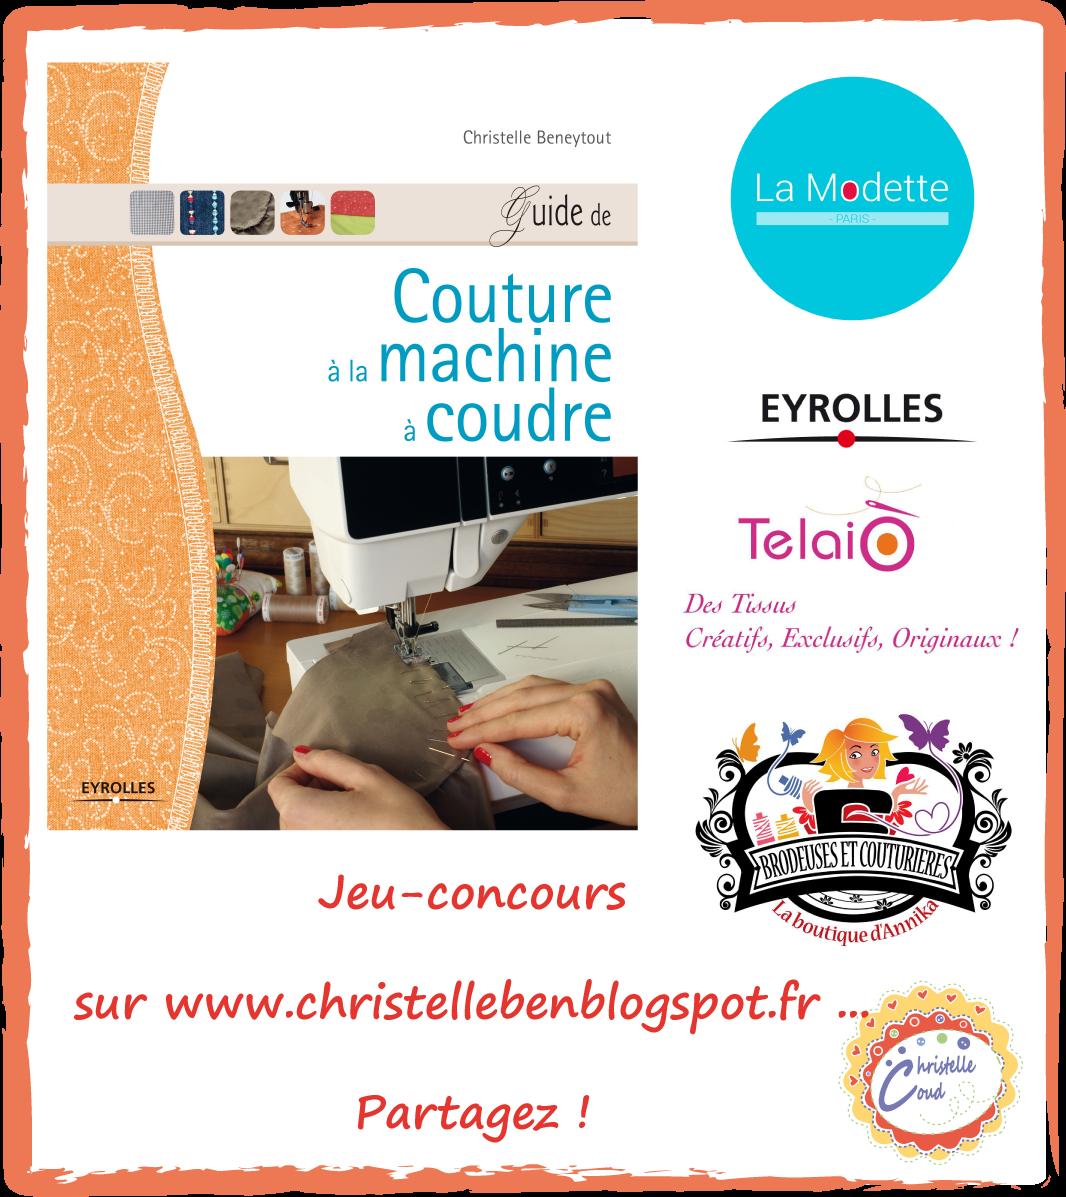 Christelle beneytout le blog giveaway jeu concours - Comptoir phoceen de la machine a coudre ...